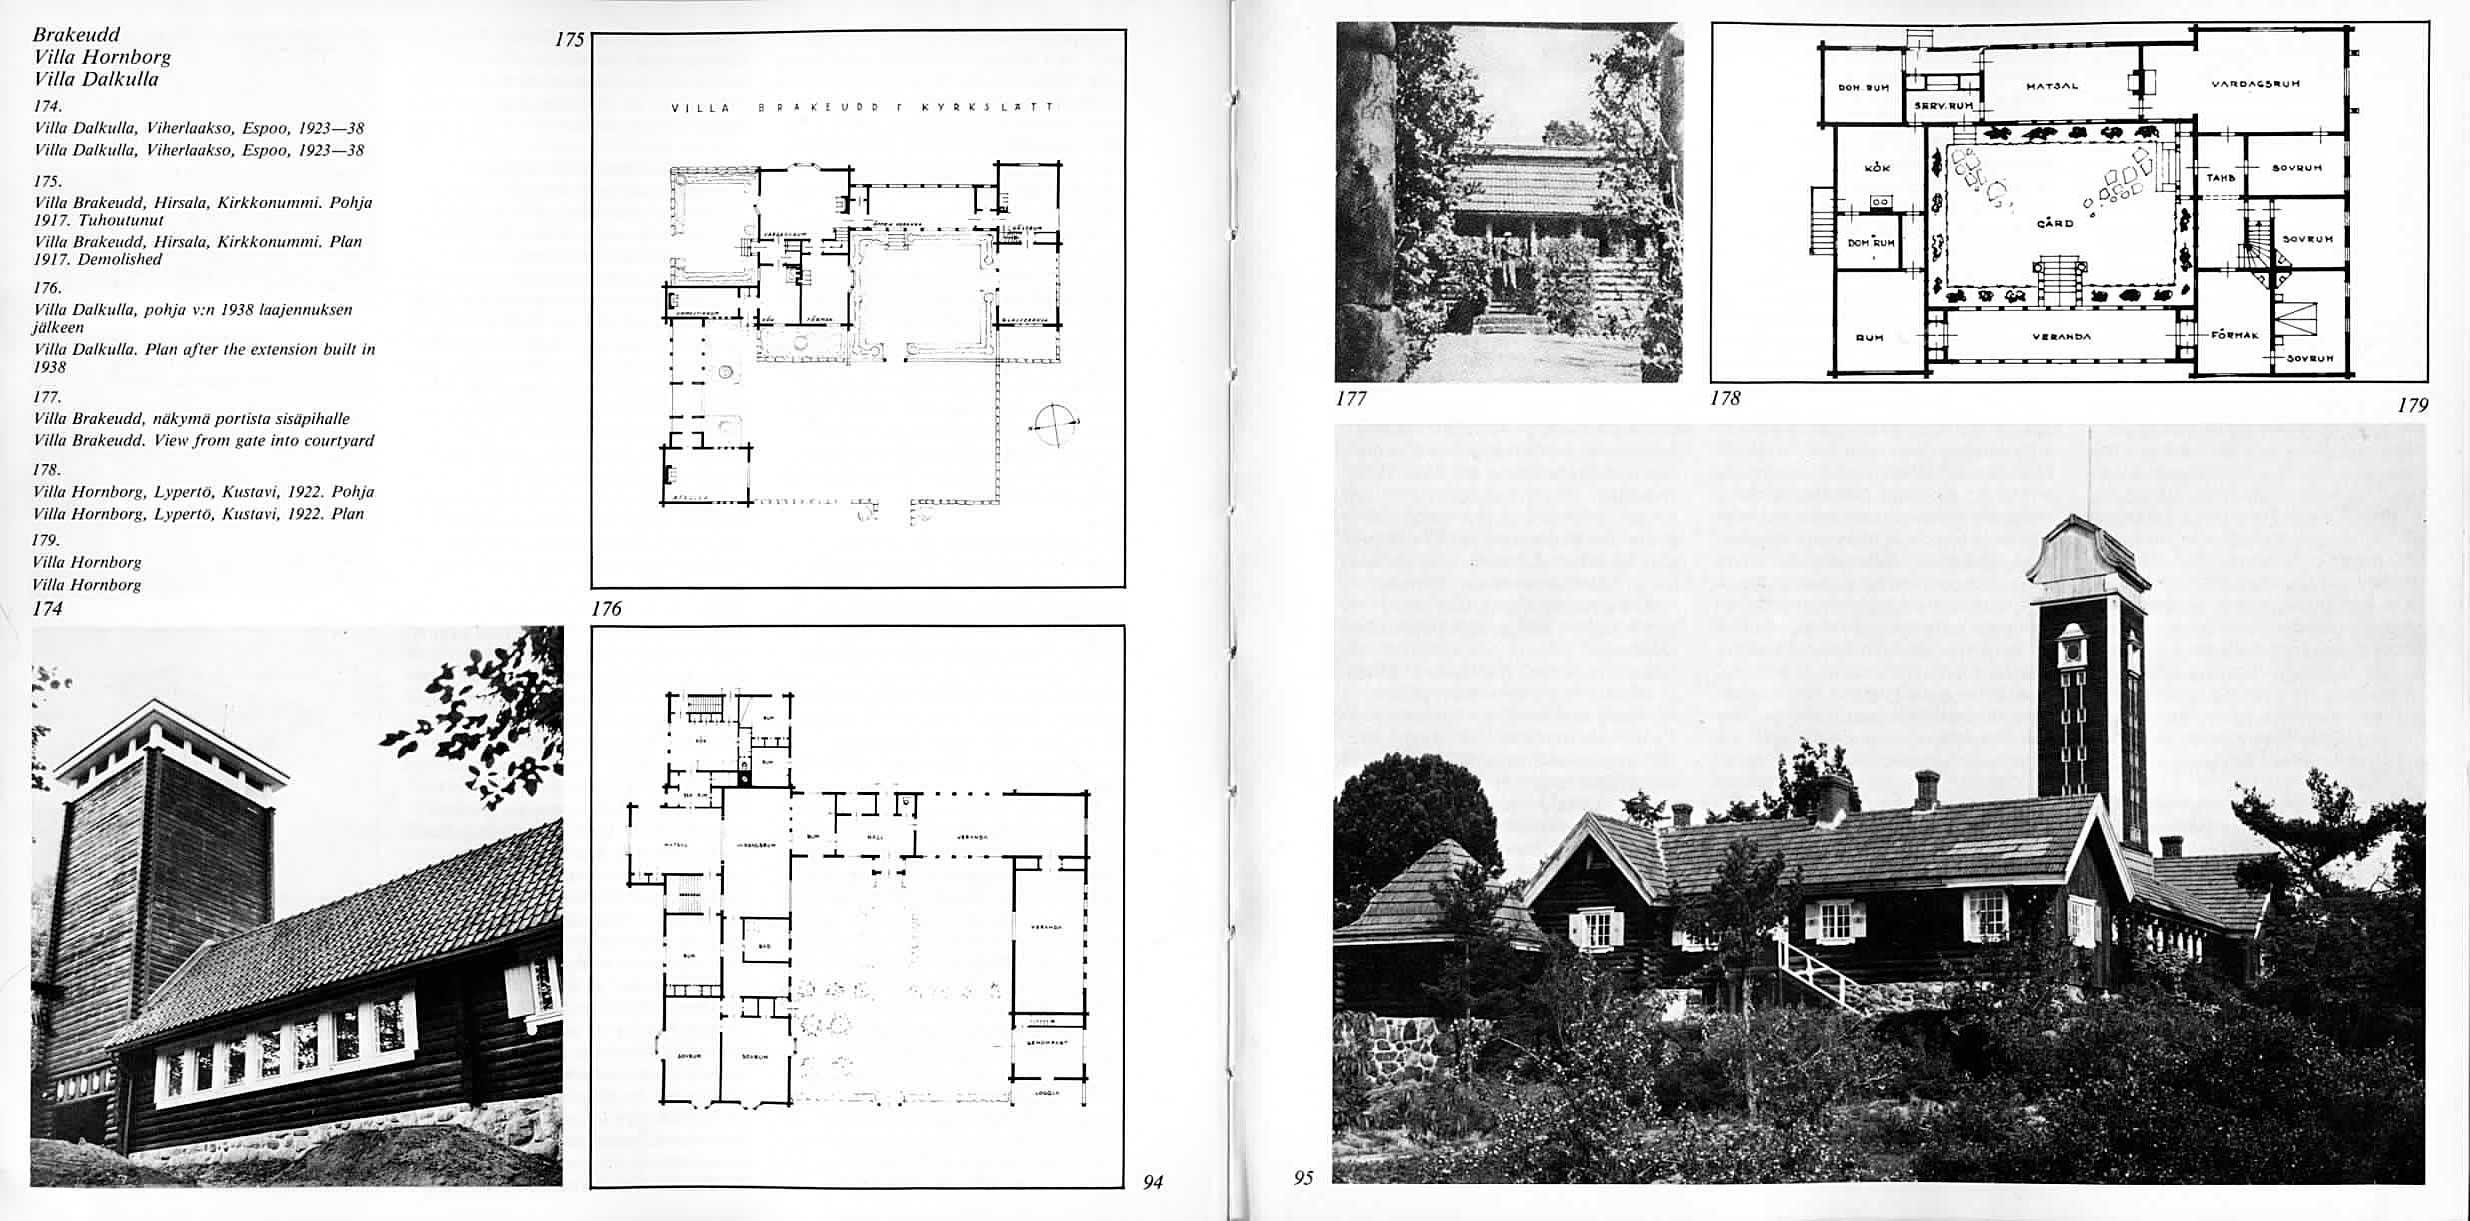 Schematics of Villa Dalkulla and Villa Hornborg